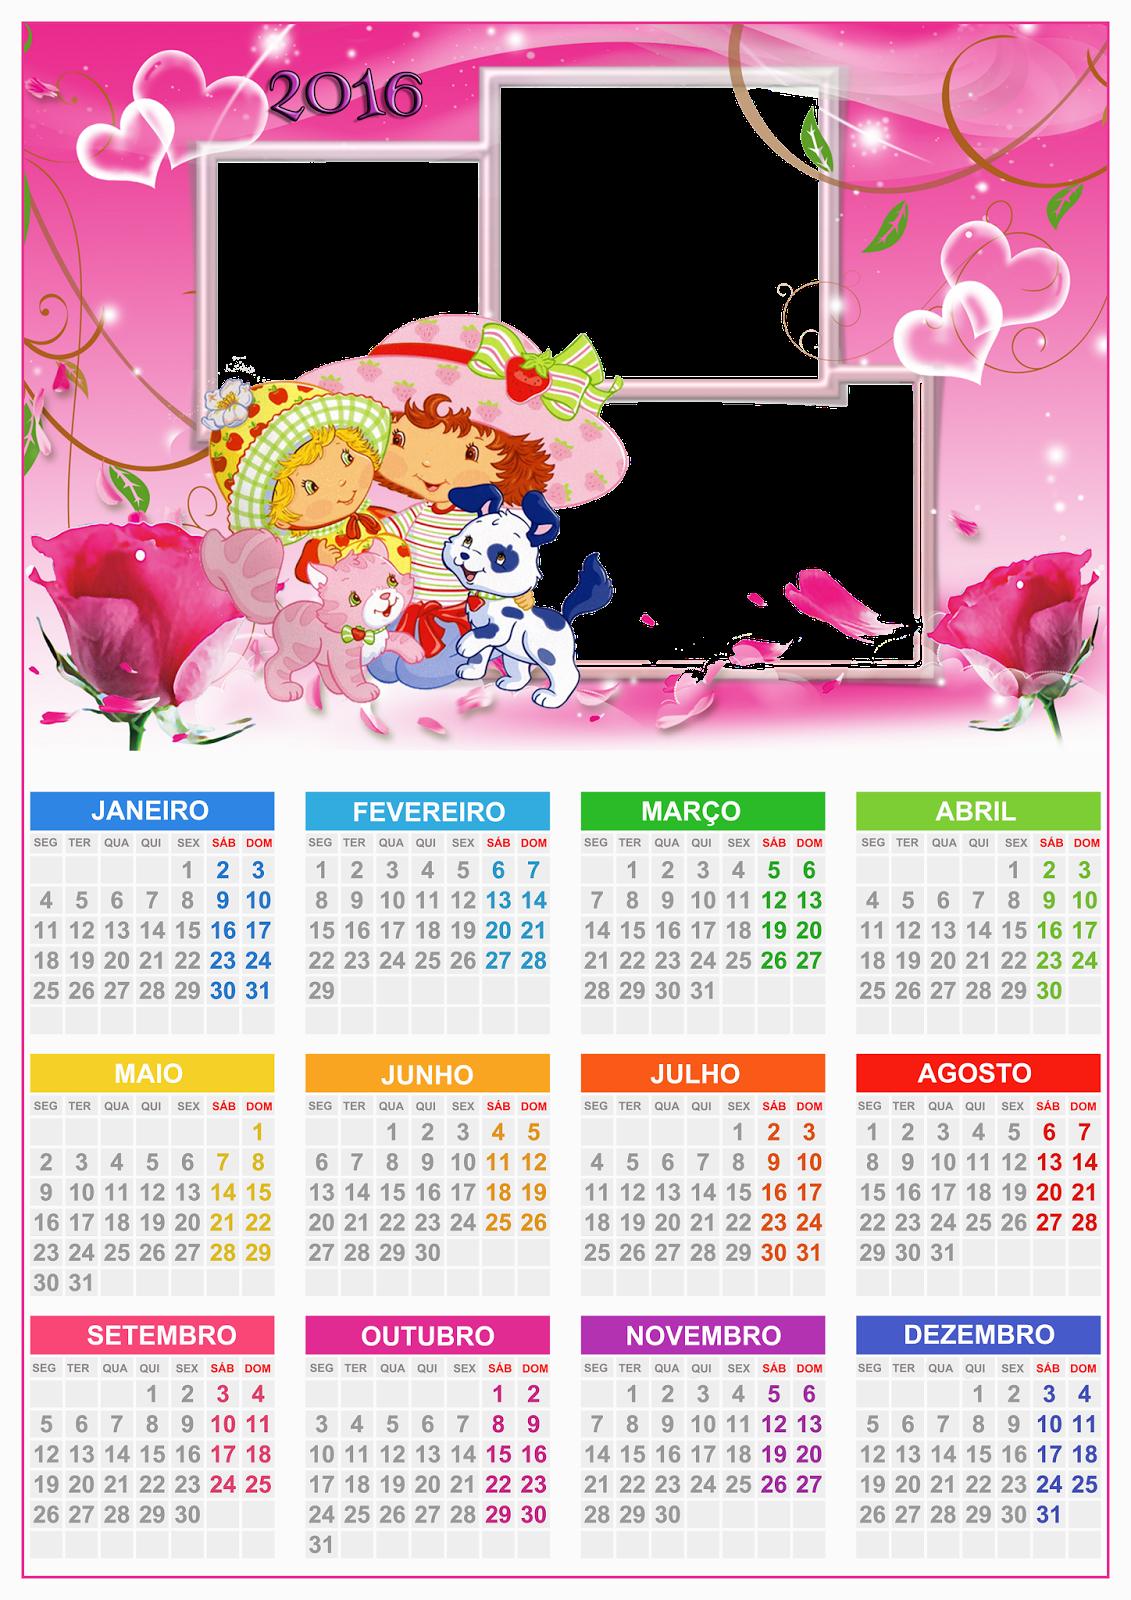 Calendário 2016 nos formatos PSD e PNG da moranguinho.Arquivo ...